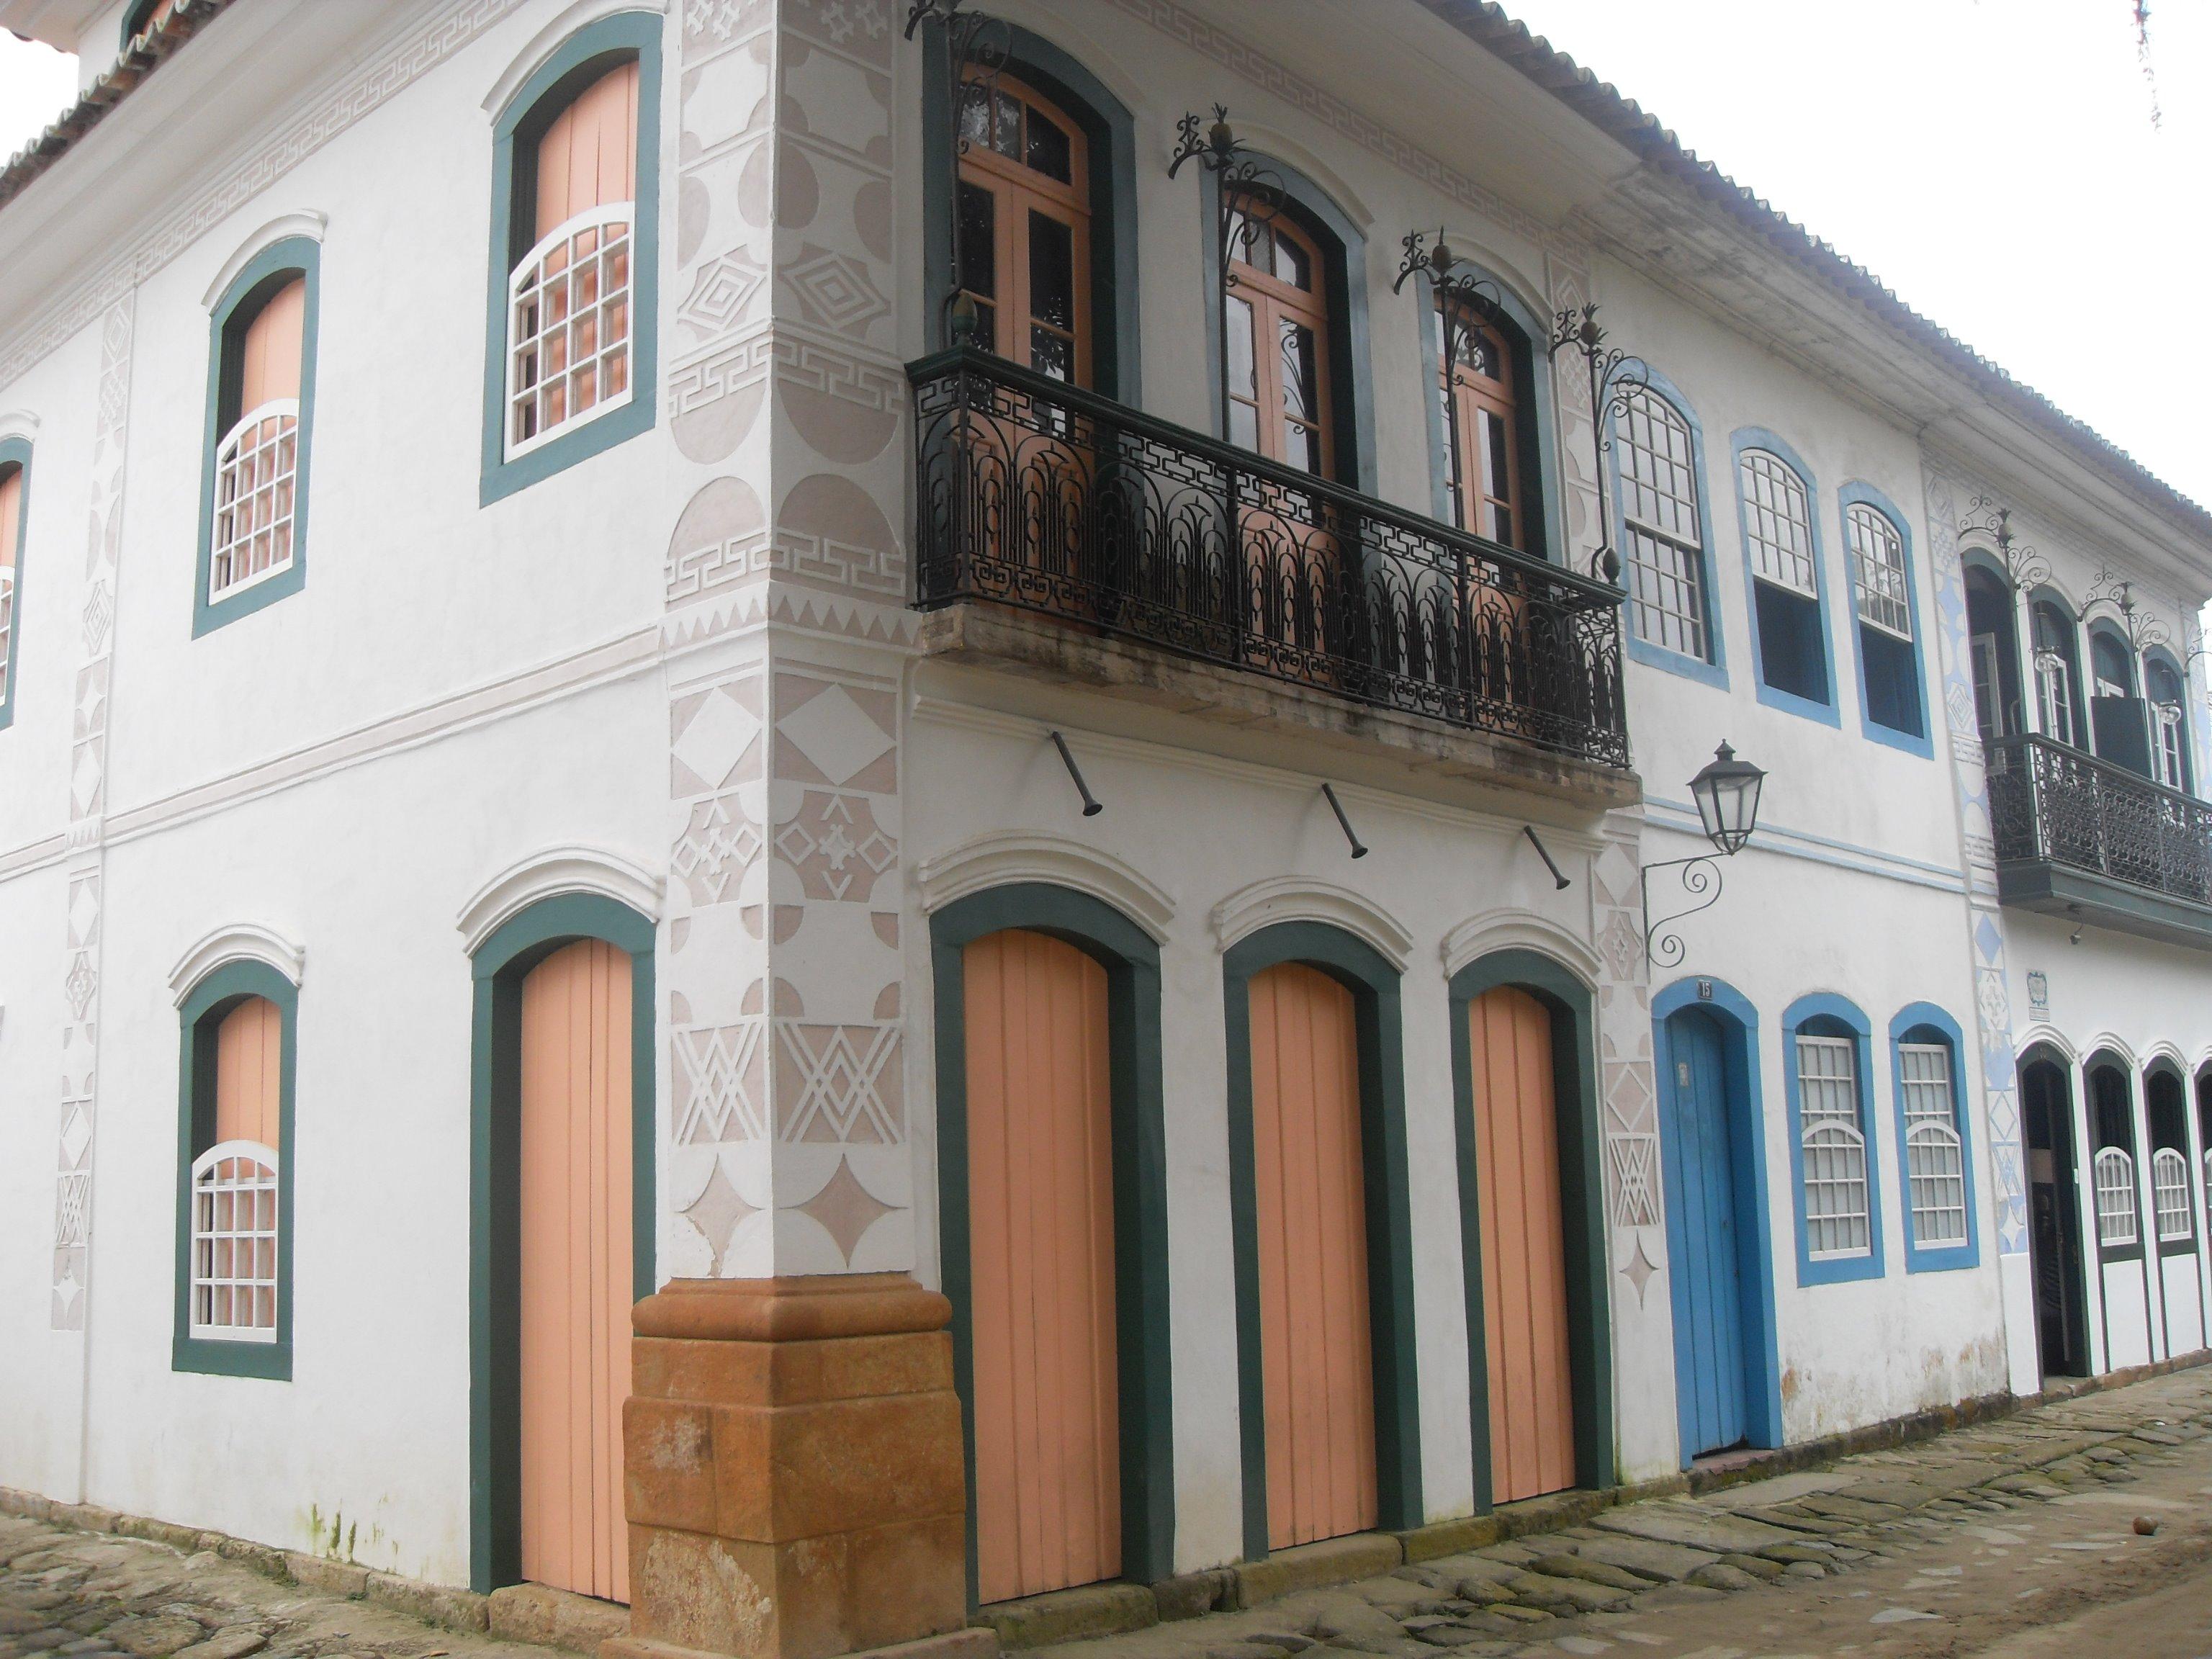 Português do Brasil: Casarões no centro histór...